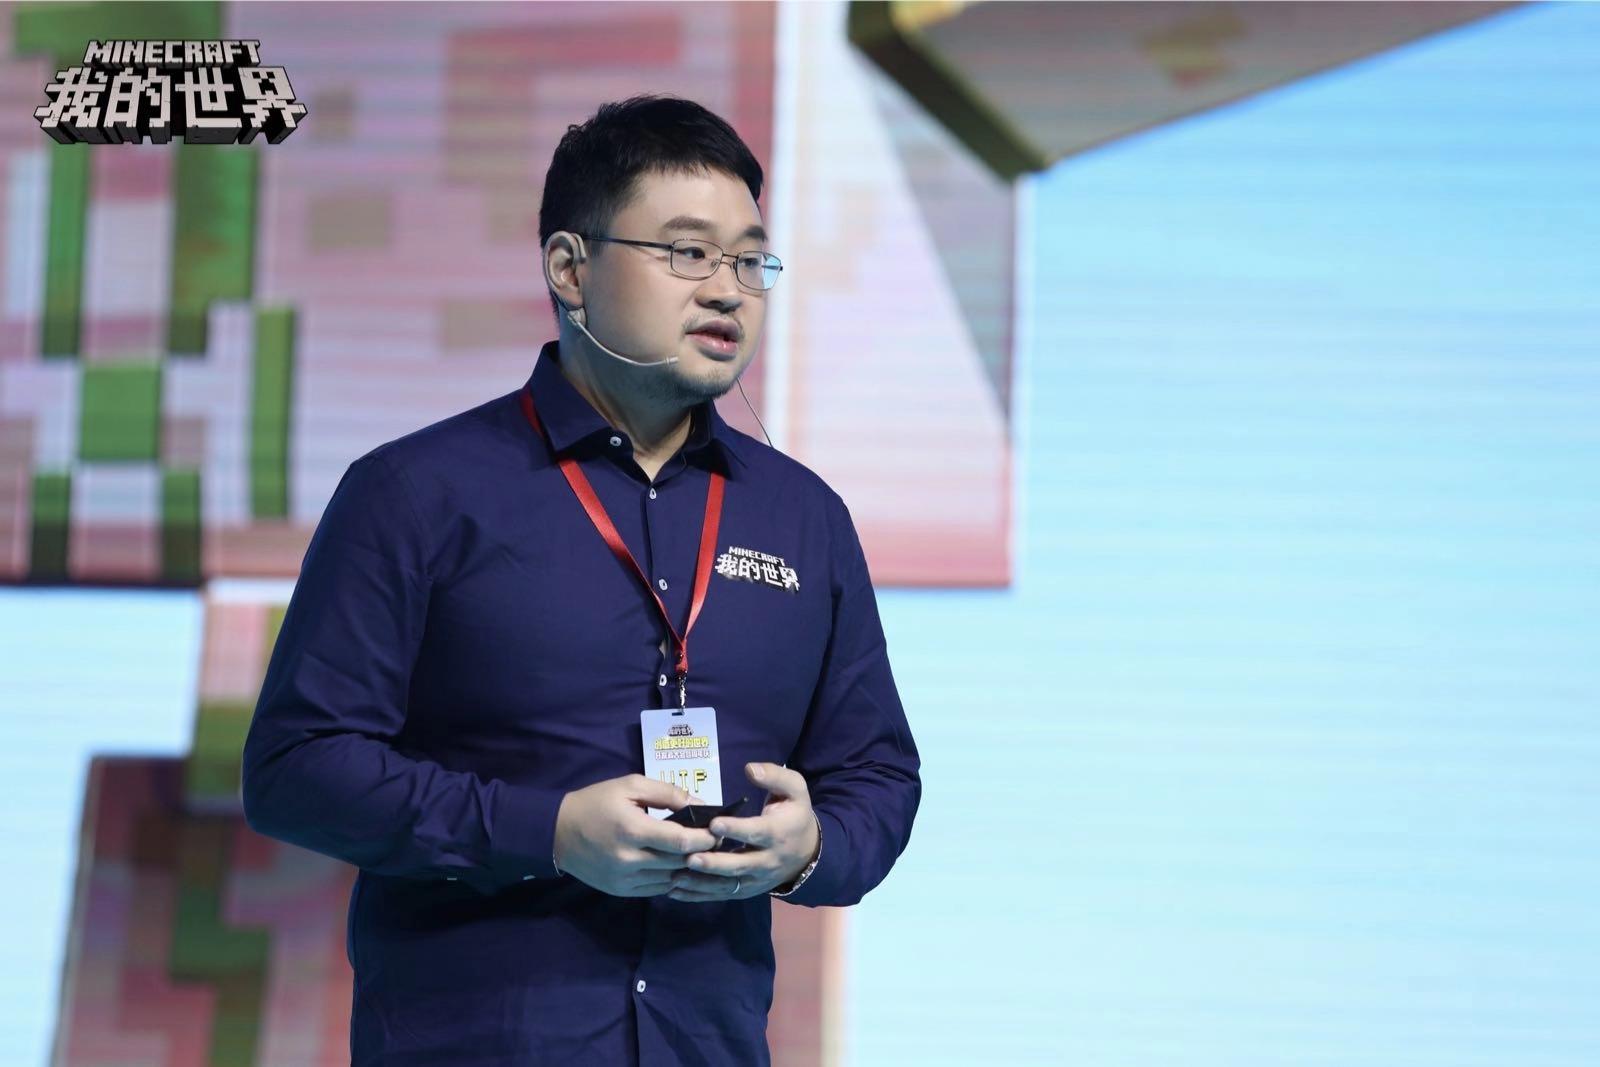 《我的世界》开发者大会:打造中国顶尖UGC游戏平台